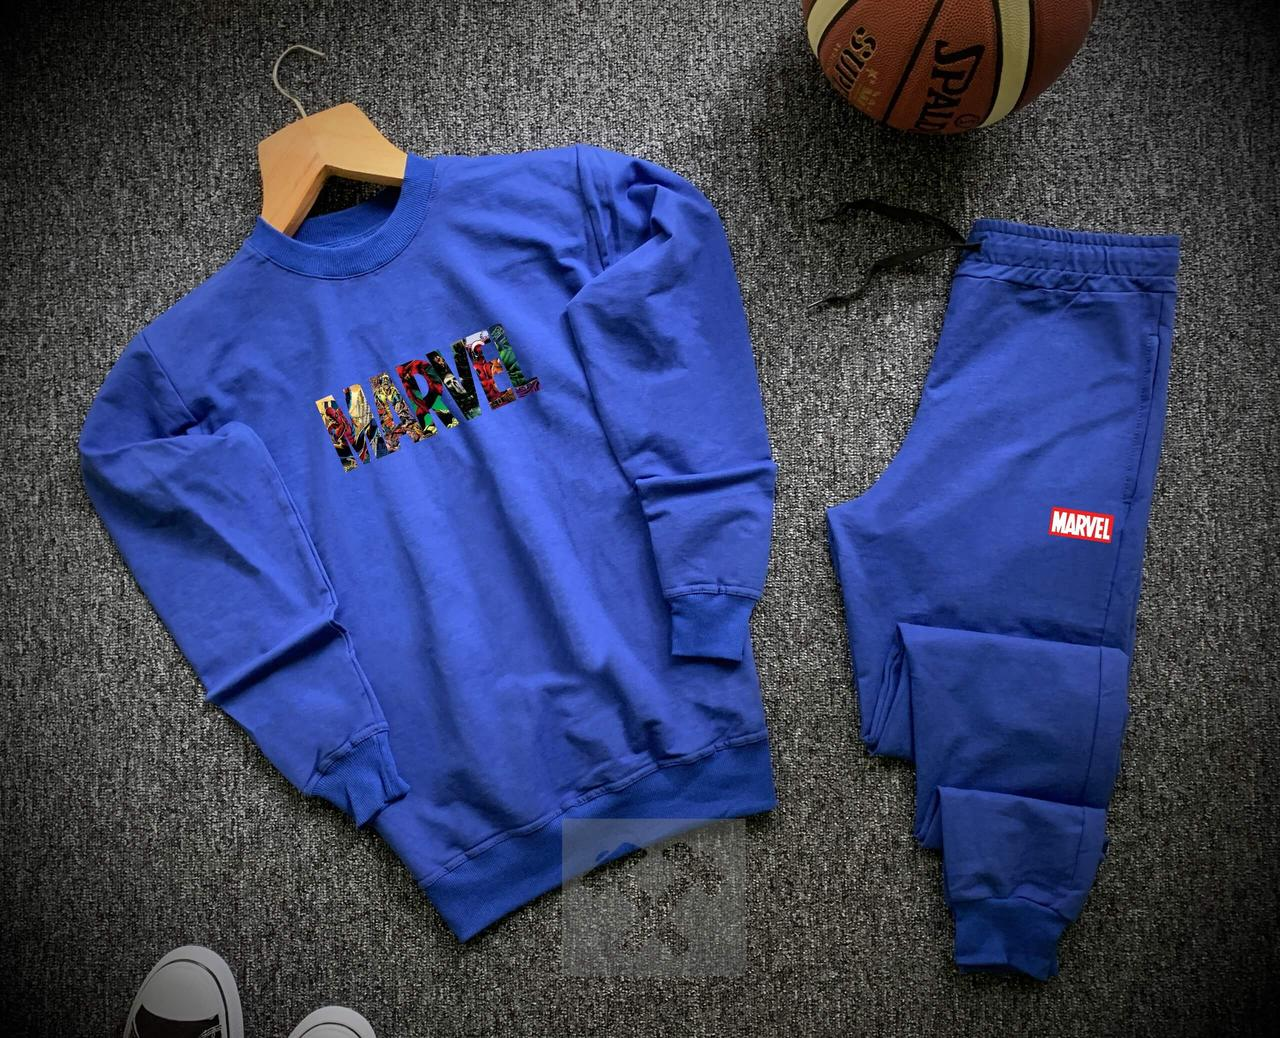 Спортивный костюм Marvel синего цвета